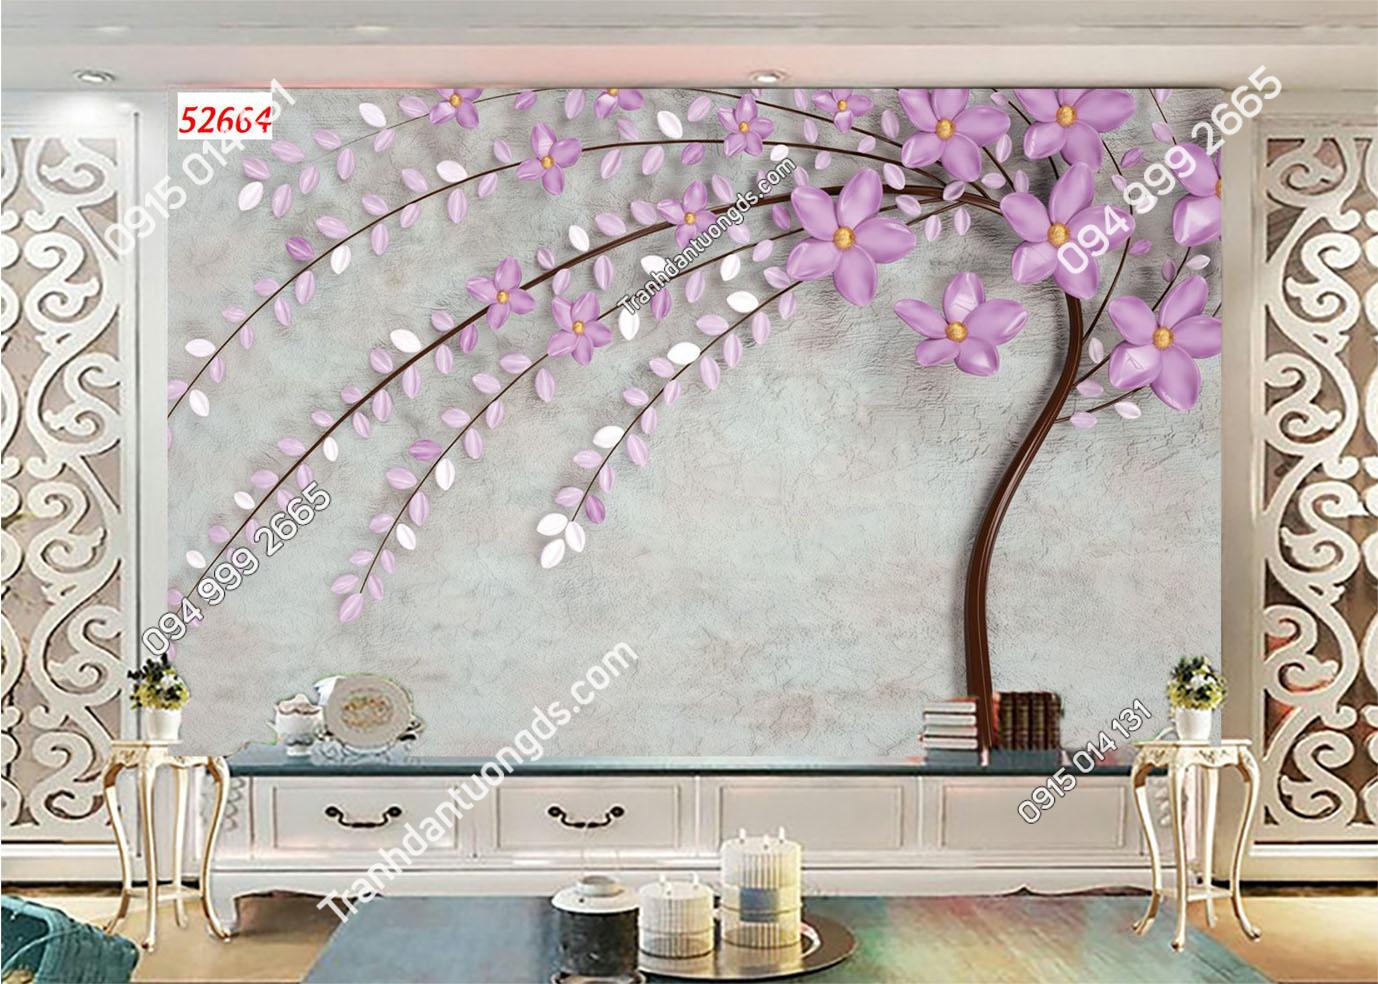 Tranh dán tường hoa 3D màu tím 52664